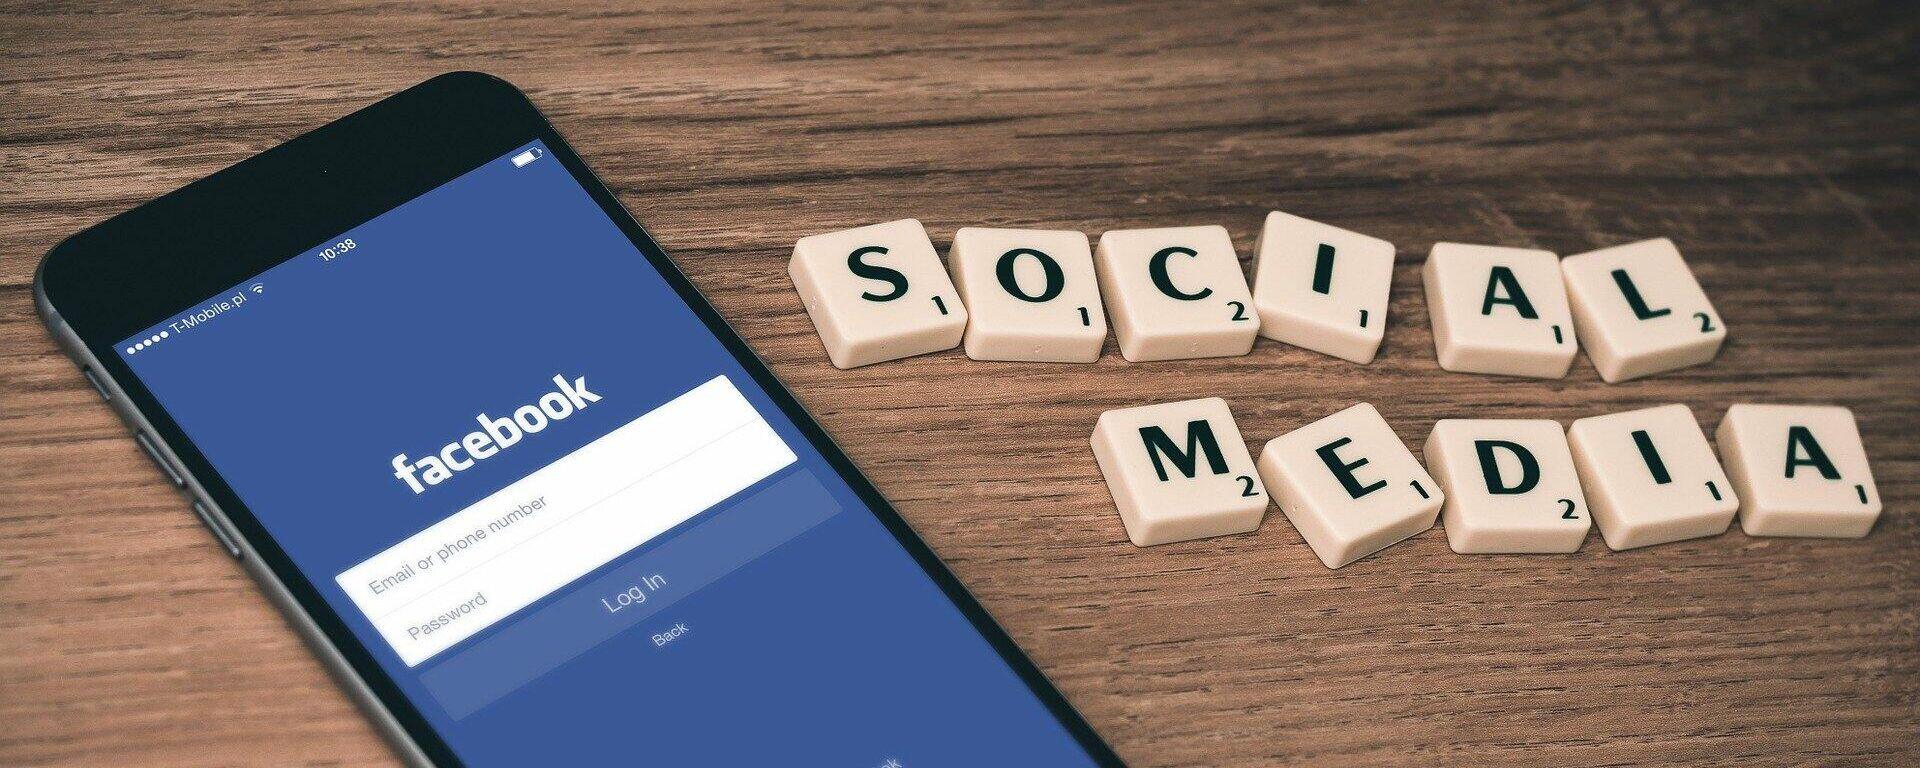 Facebook (Symbolbild) - SNA, 1920, 05.10.2021